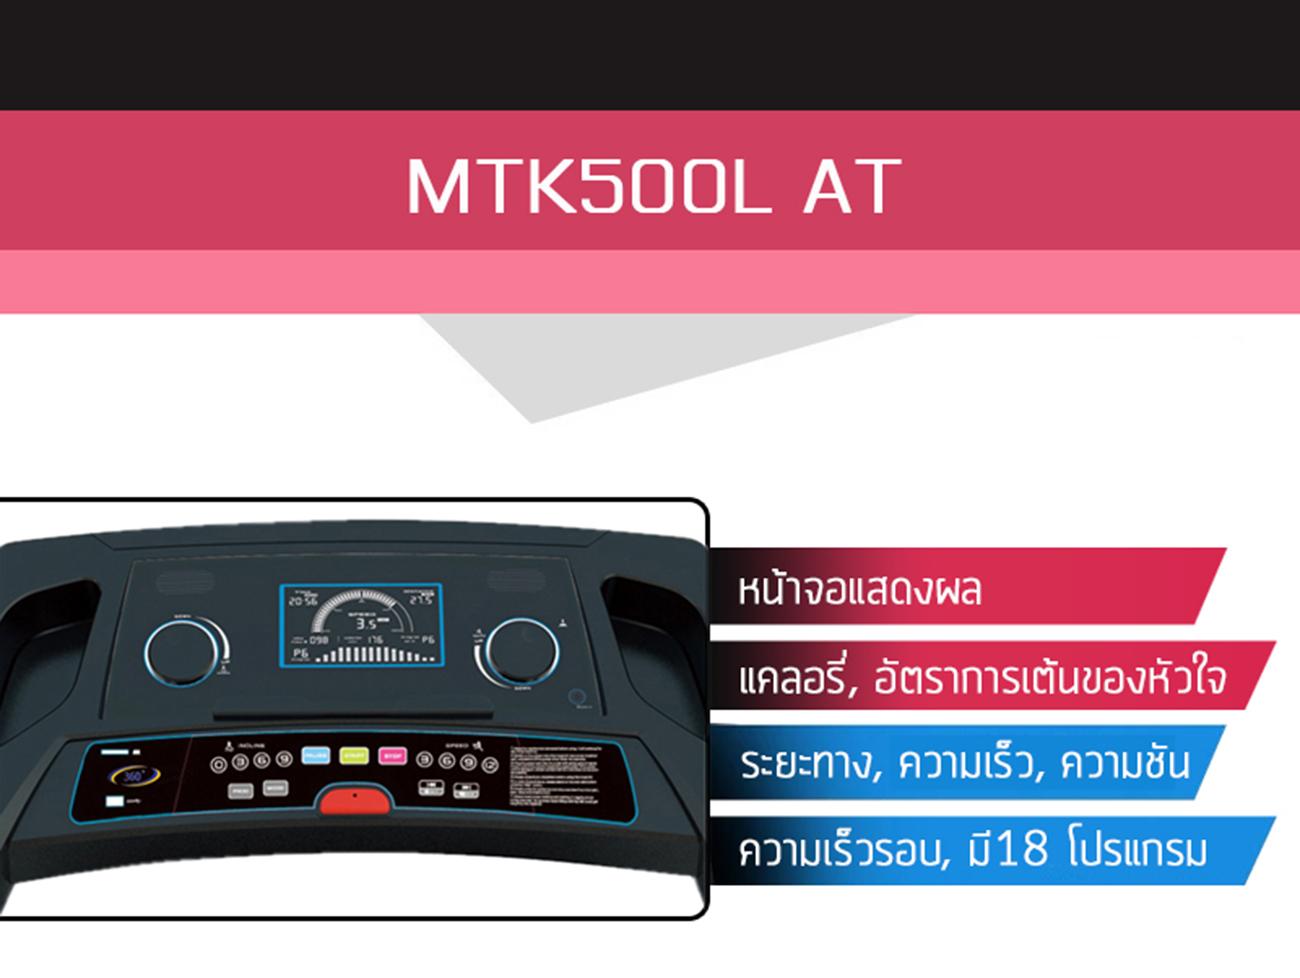 ลู่วิ่งไฟฟ้า 360องศา ฟิตเนส รุ่น MTK500L AT - 3.5 CHP motor